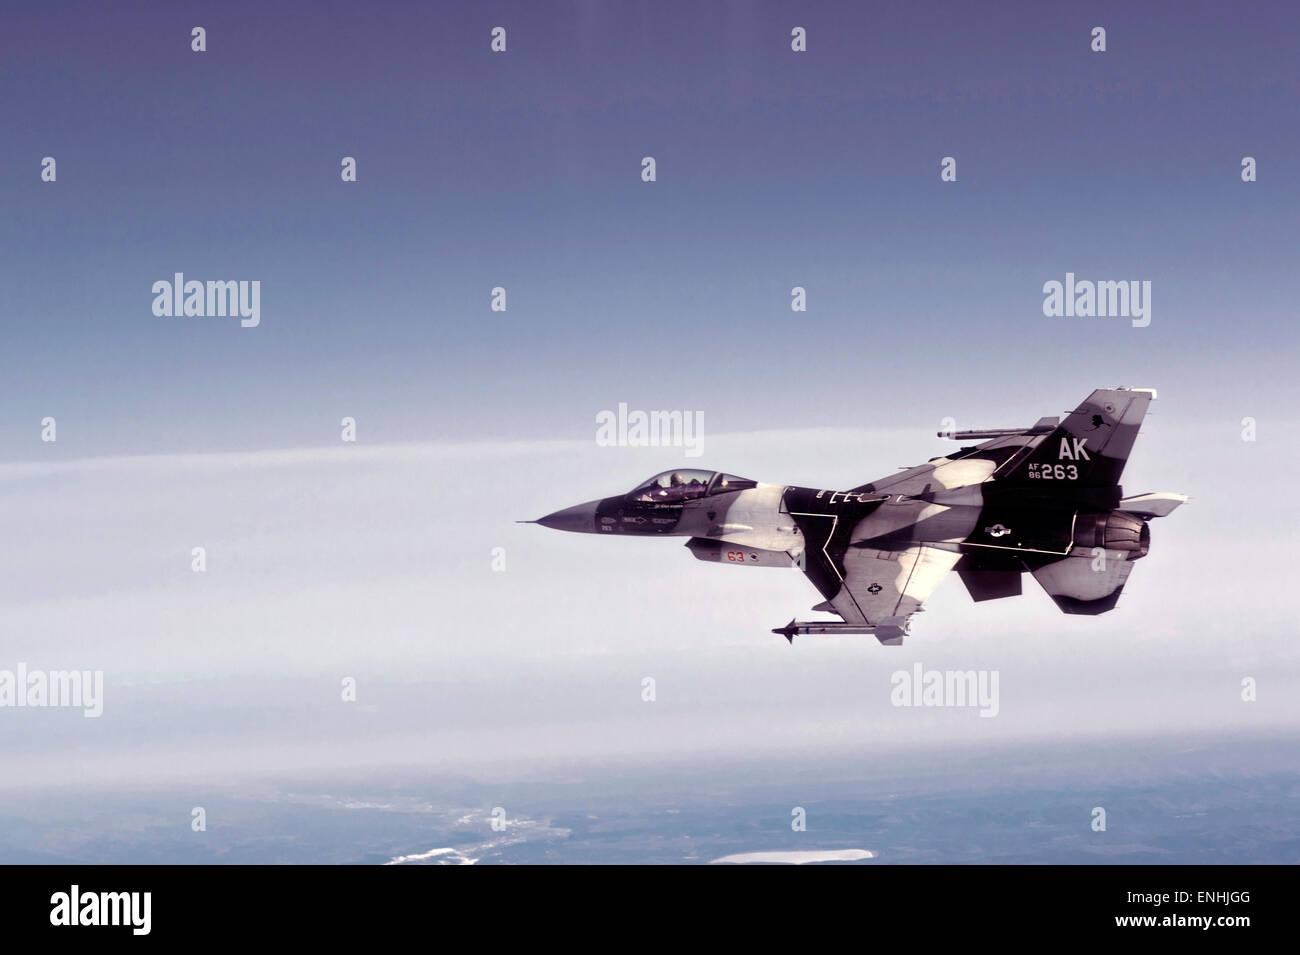 Ein Flugzeug der US Air Force f-16 Fighting Falcon auf einen Ausfall während rote Fahne Alaska 4. Mai 2015 über Eielson Air Force Base, Alaska. Der Aggressor Squadron repliziert Bedrohungen durch Luft-Kampftruppen für Widersacher training. Stockfoto